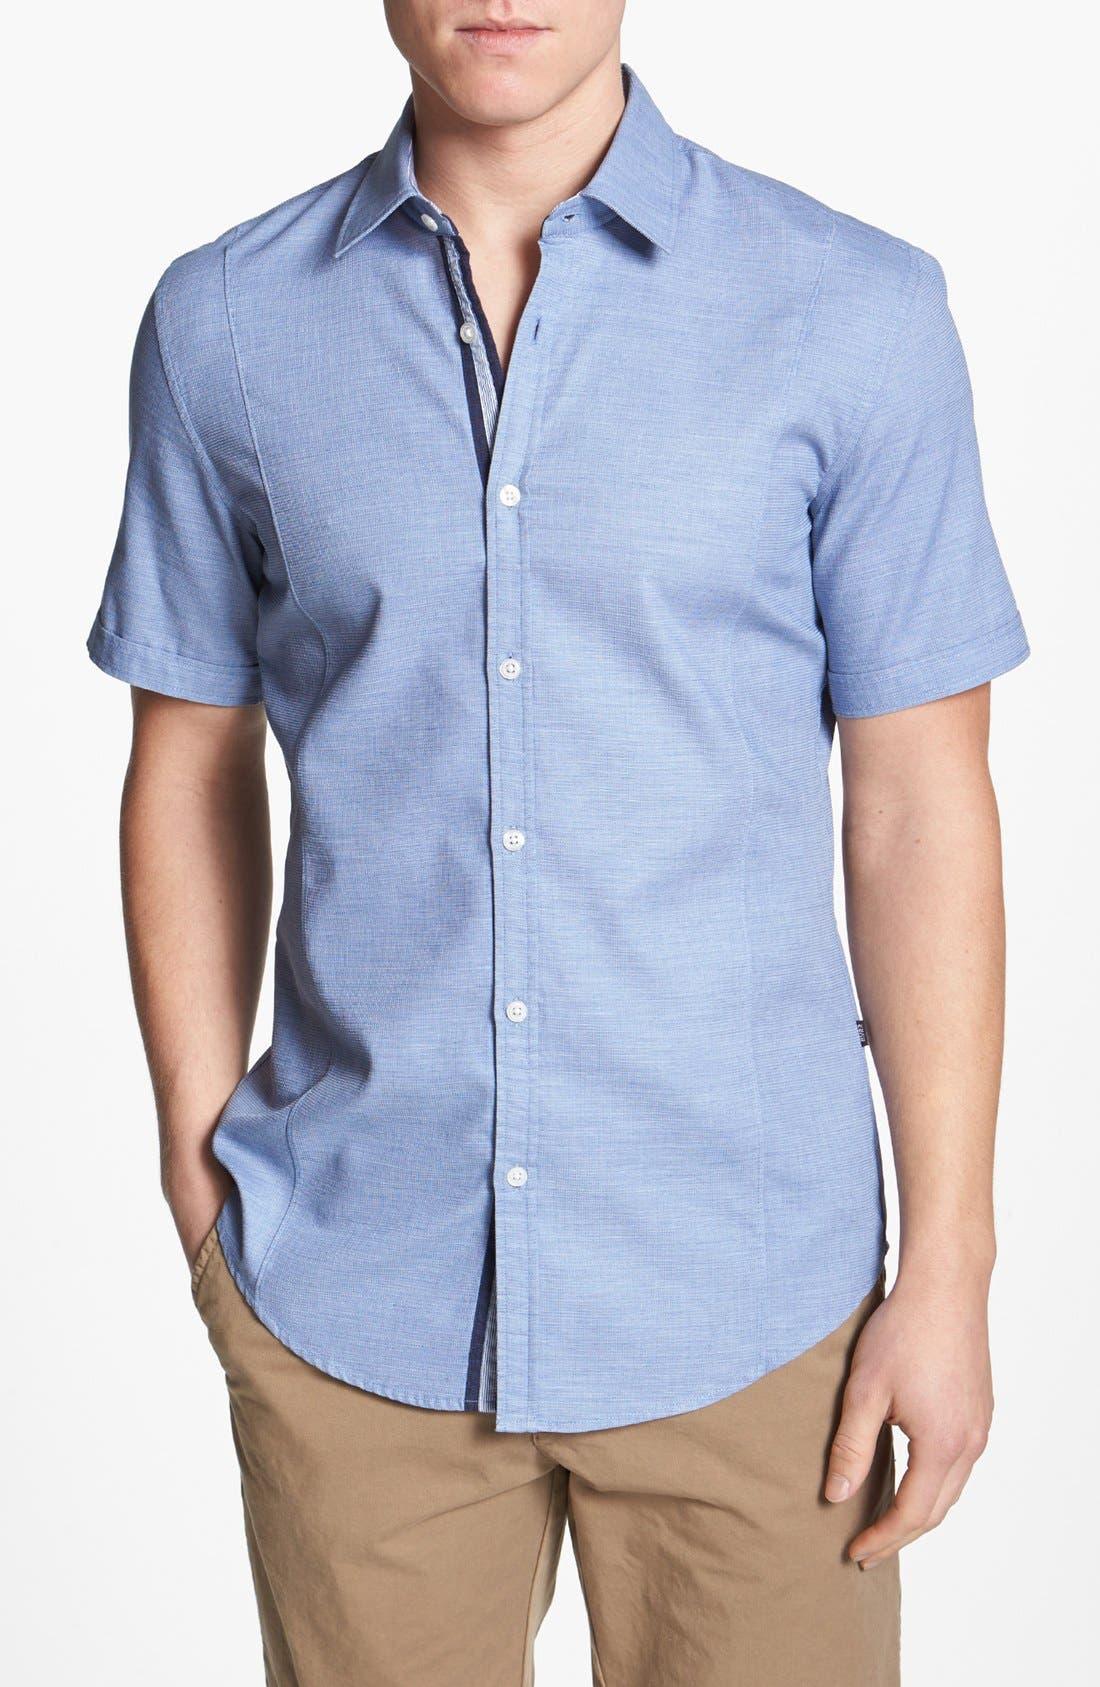 Alternate Image 1 Selected - BOSS HUGO BOSS 'Marco' Slim Fit Short Sleeve Sport Shirt